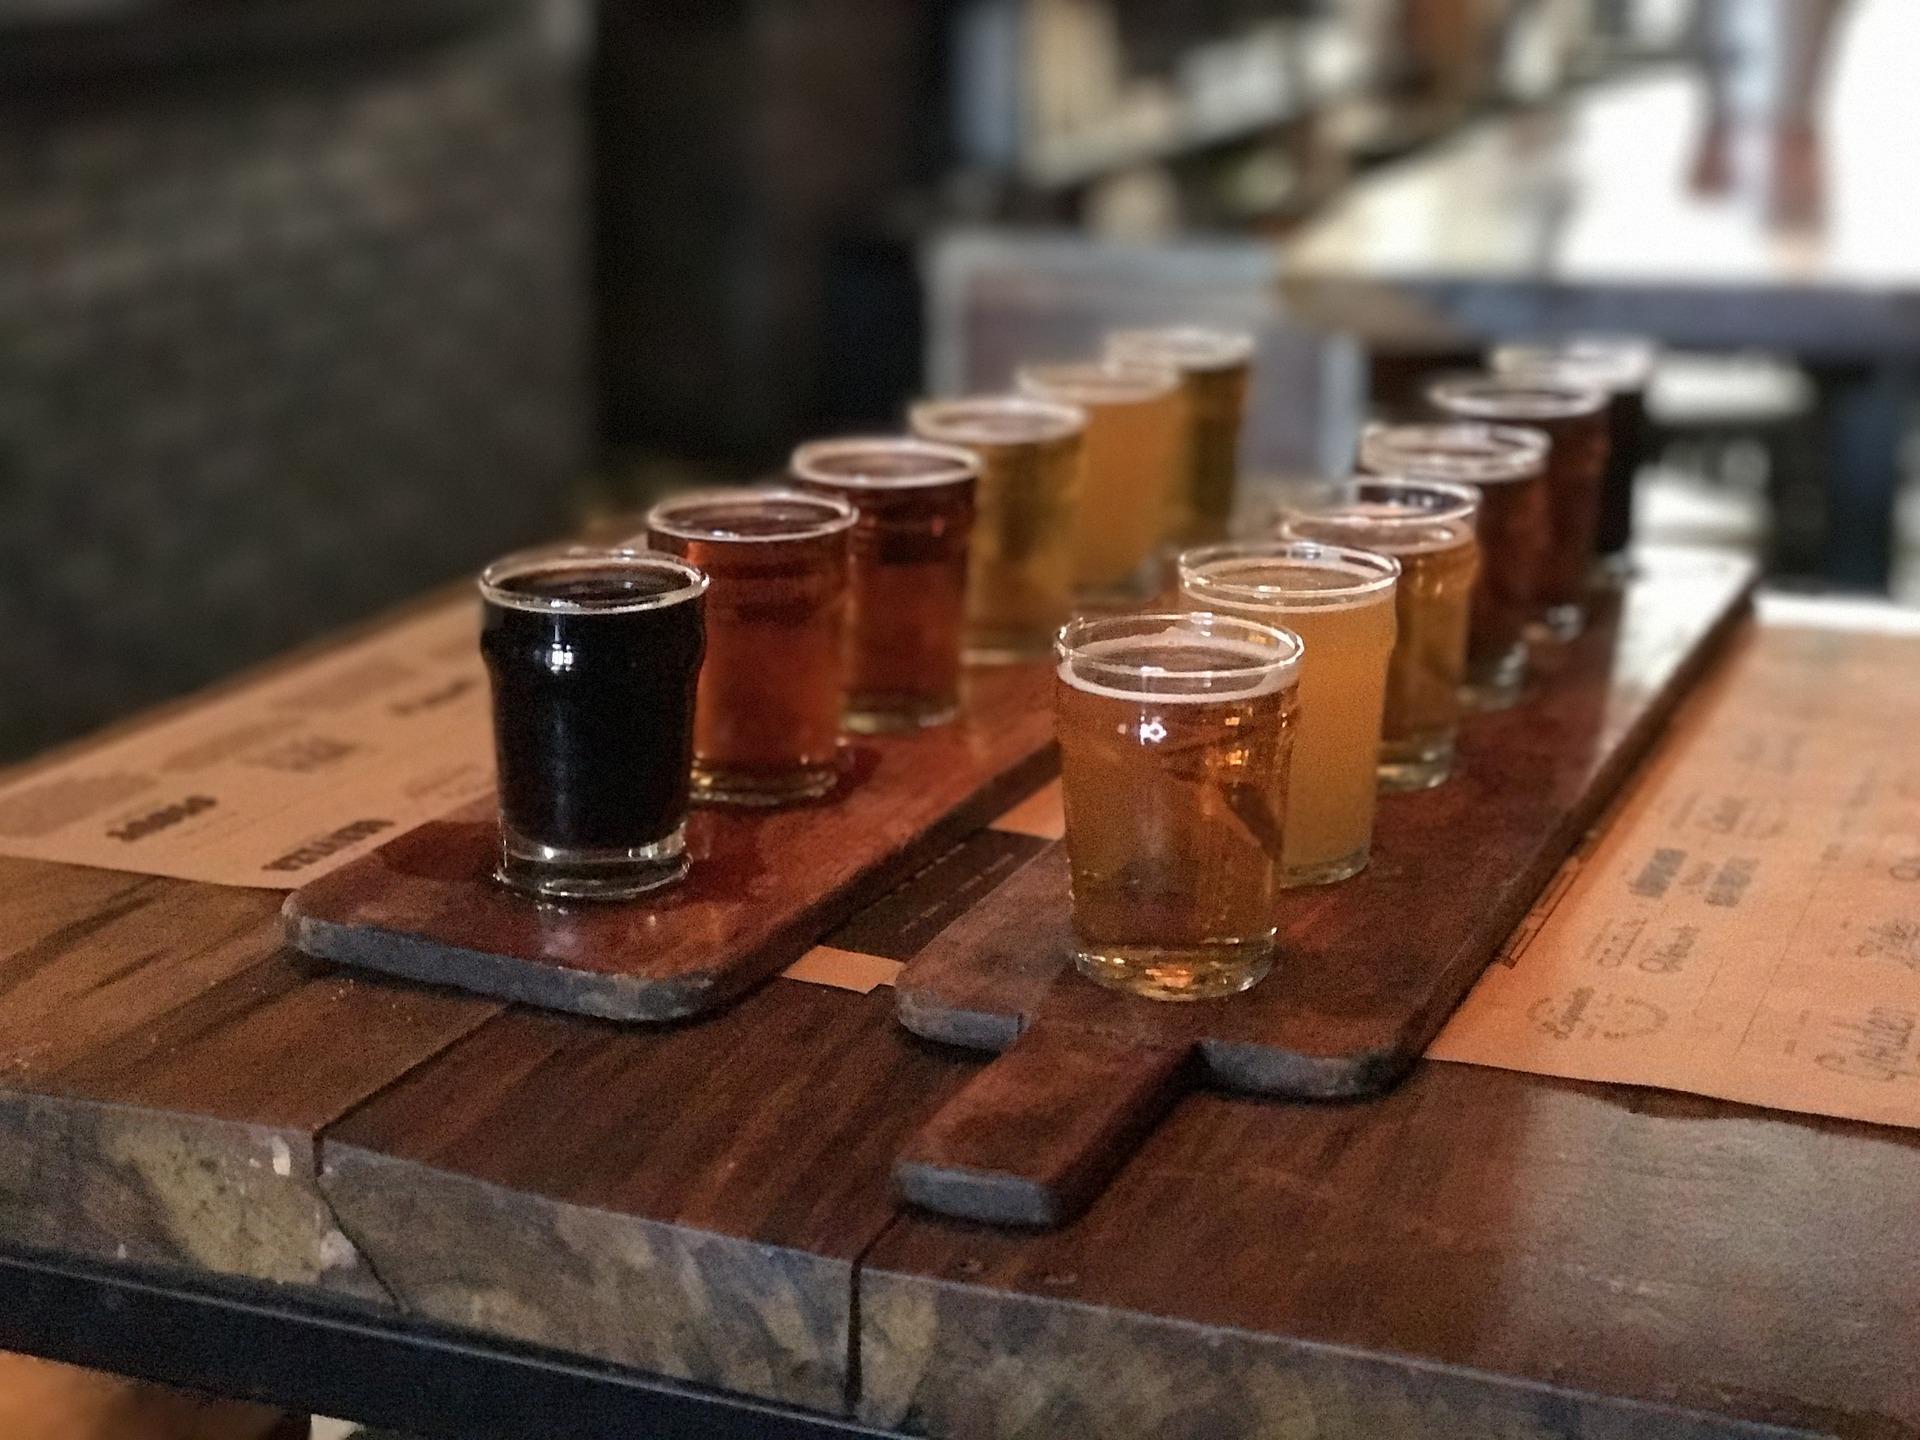 ビール好きなら知っている「国産クラフトビール」おすすめ3選&Amazon人気ランキング!【2021年6月】 | ねとらぼ調査隊